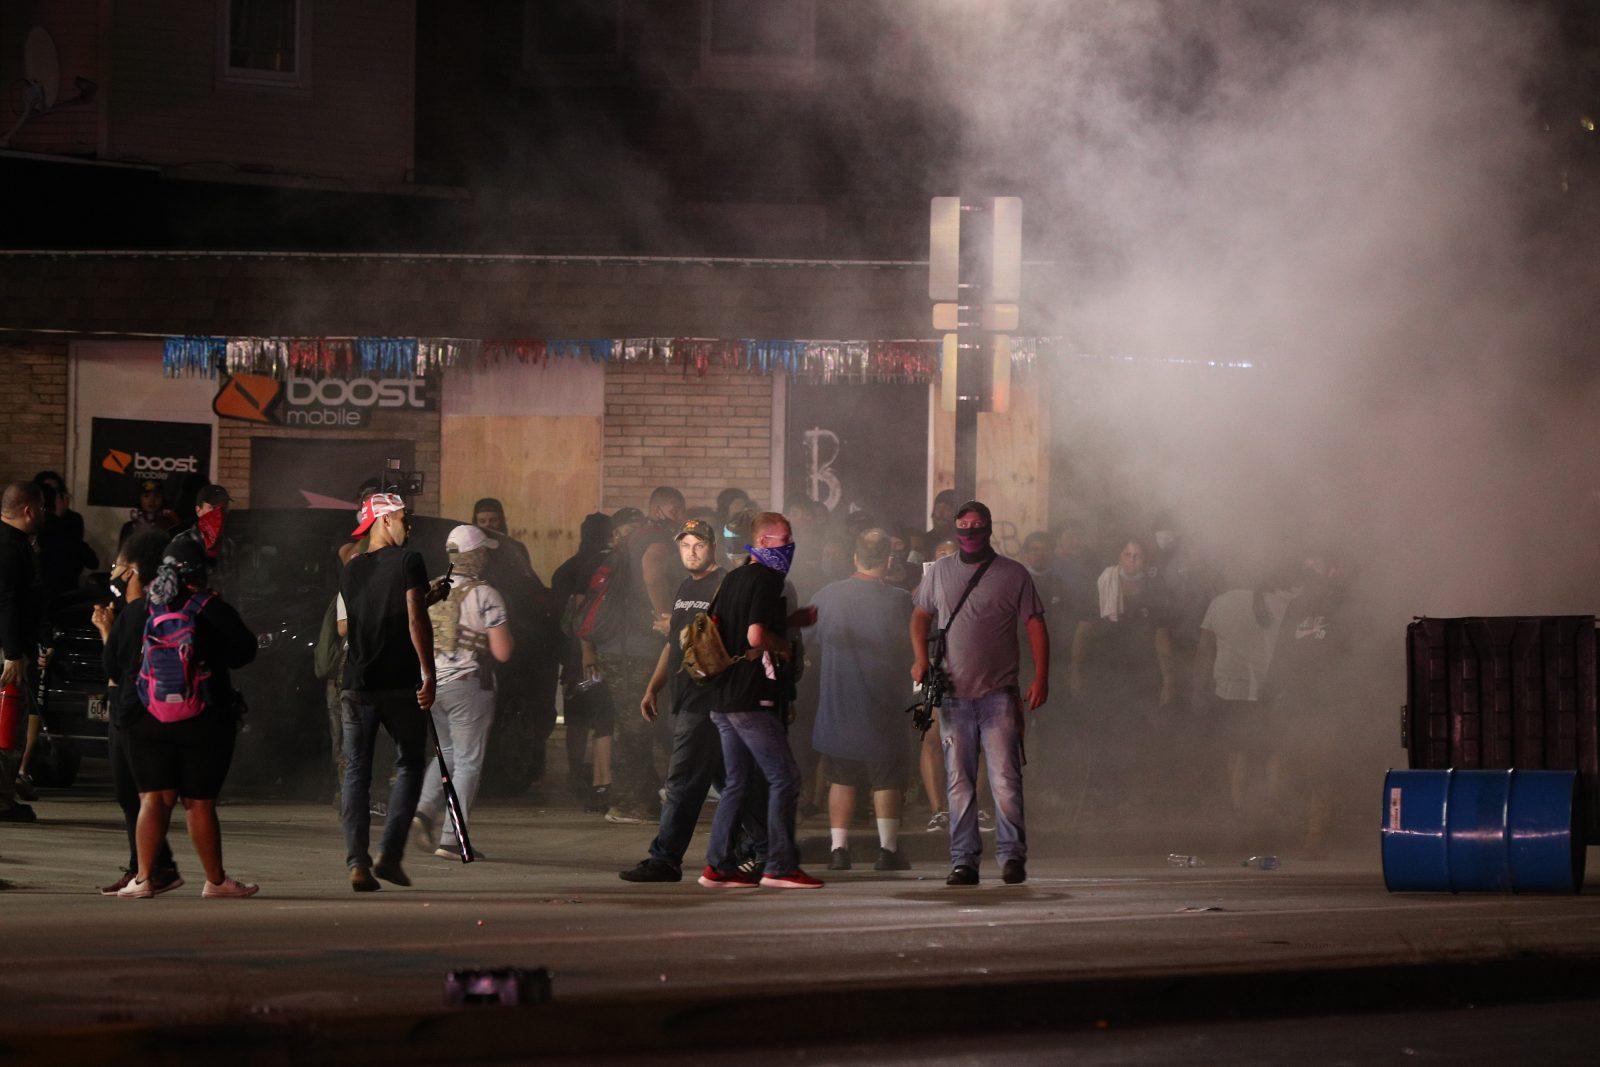 Proteste in Kenosha (Wisconsin)